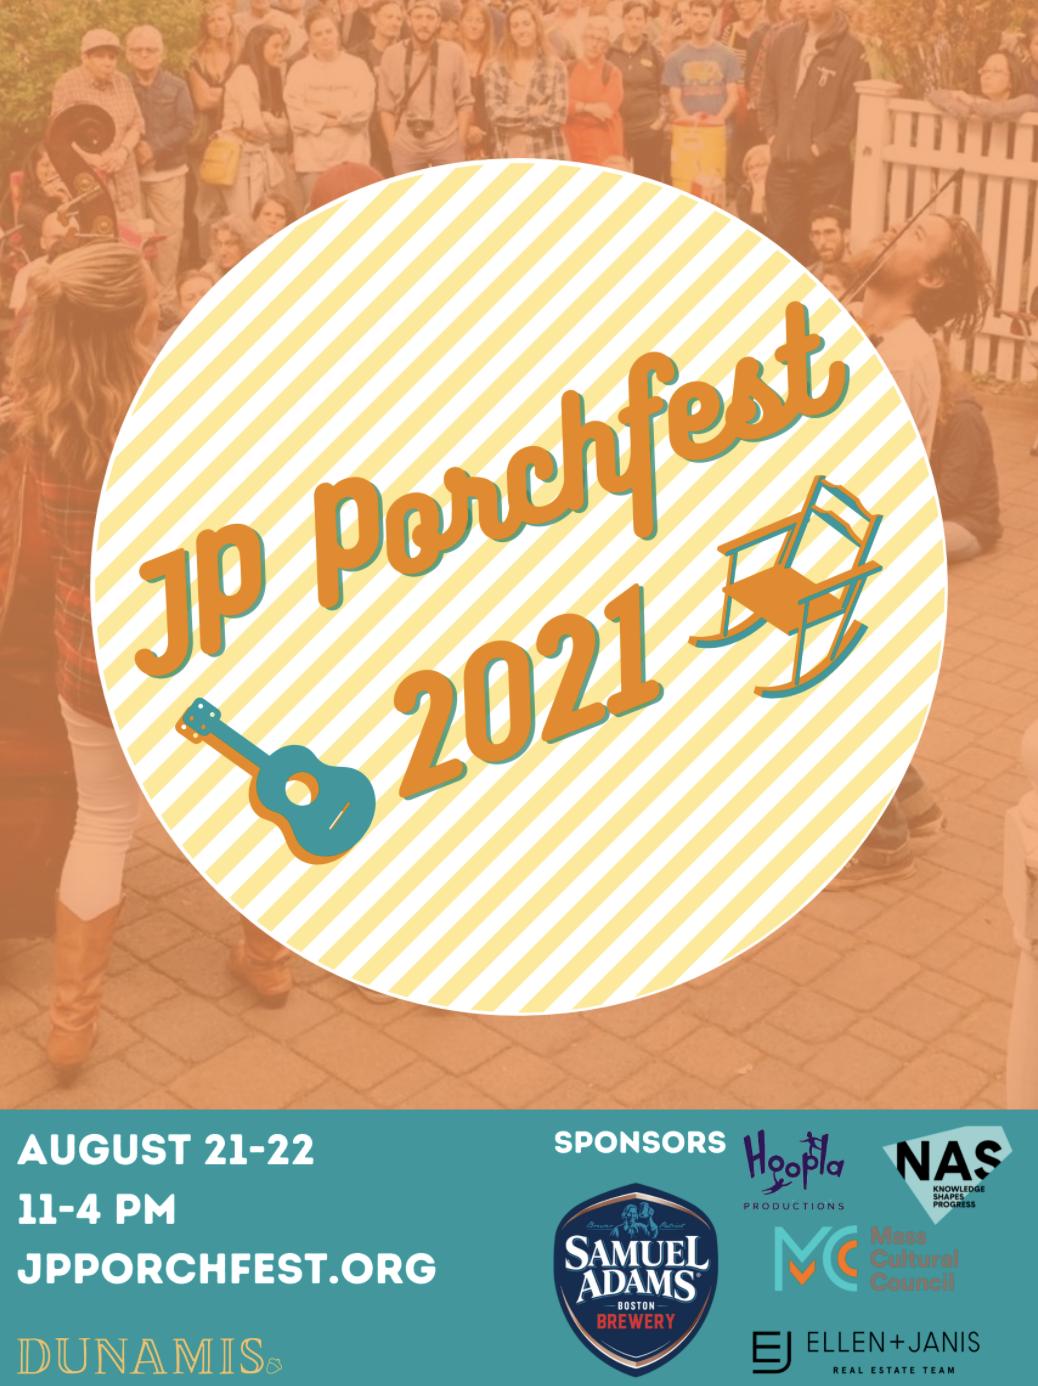 JP Porchfest